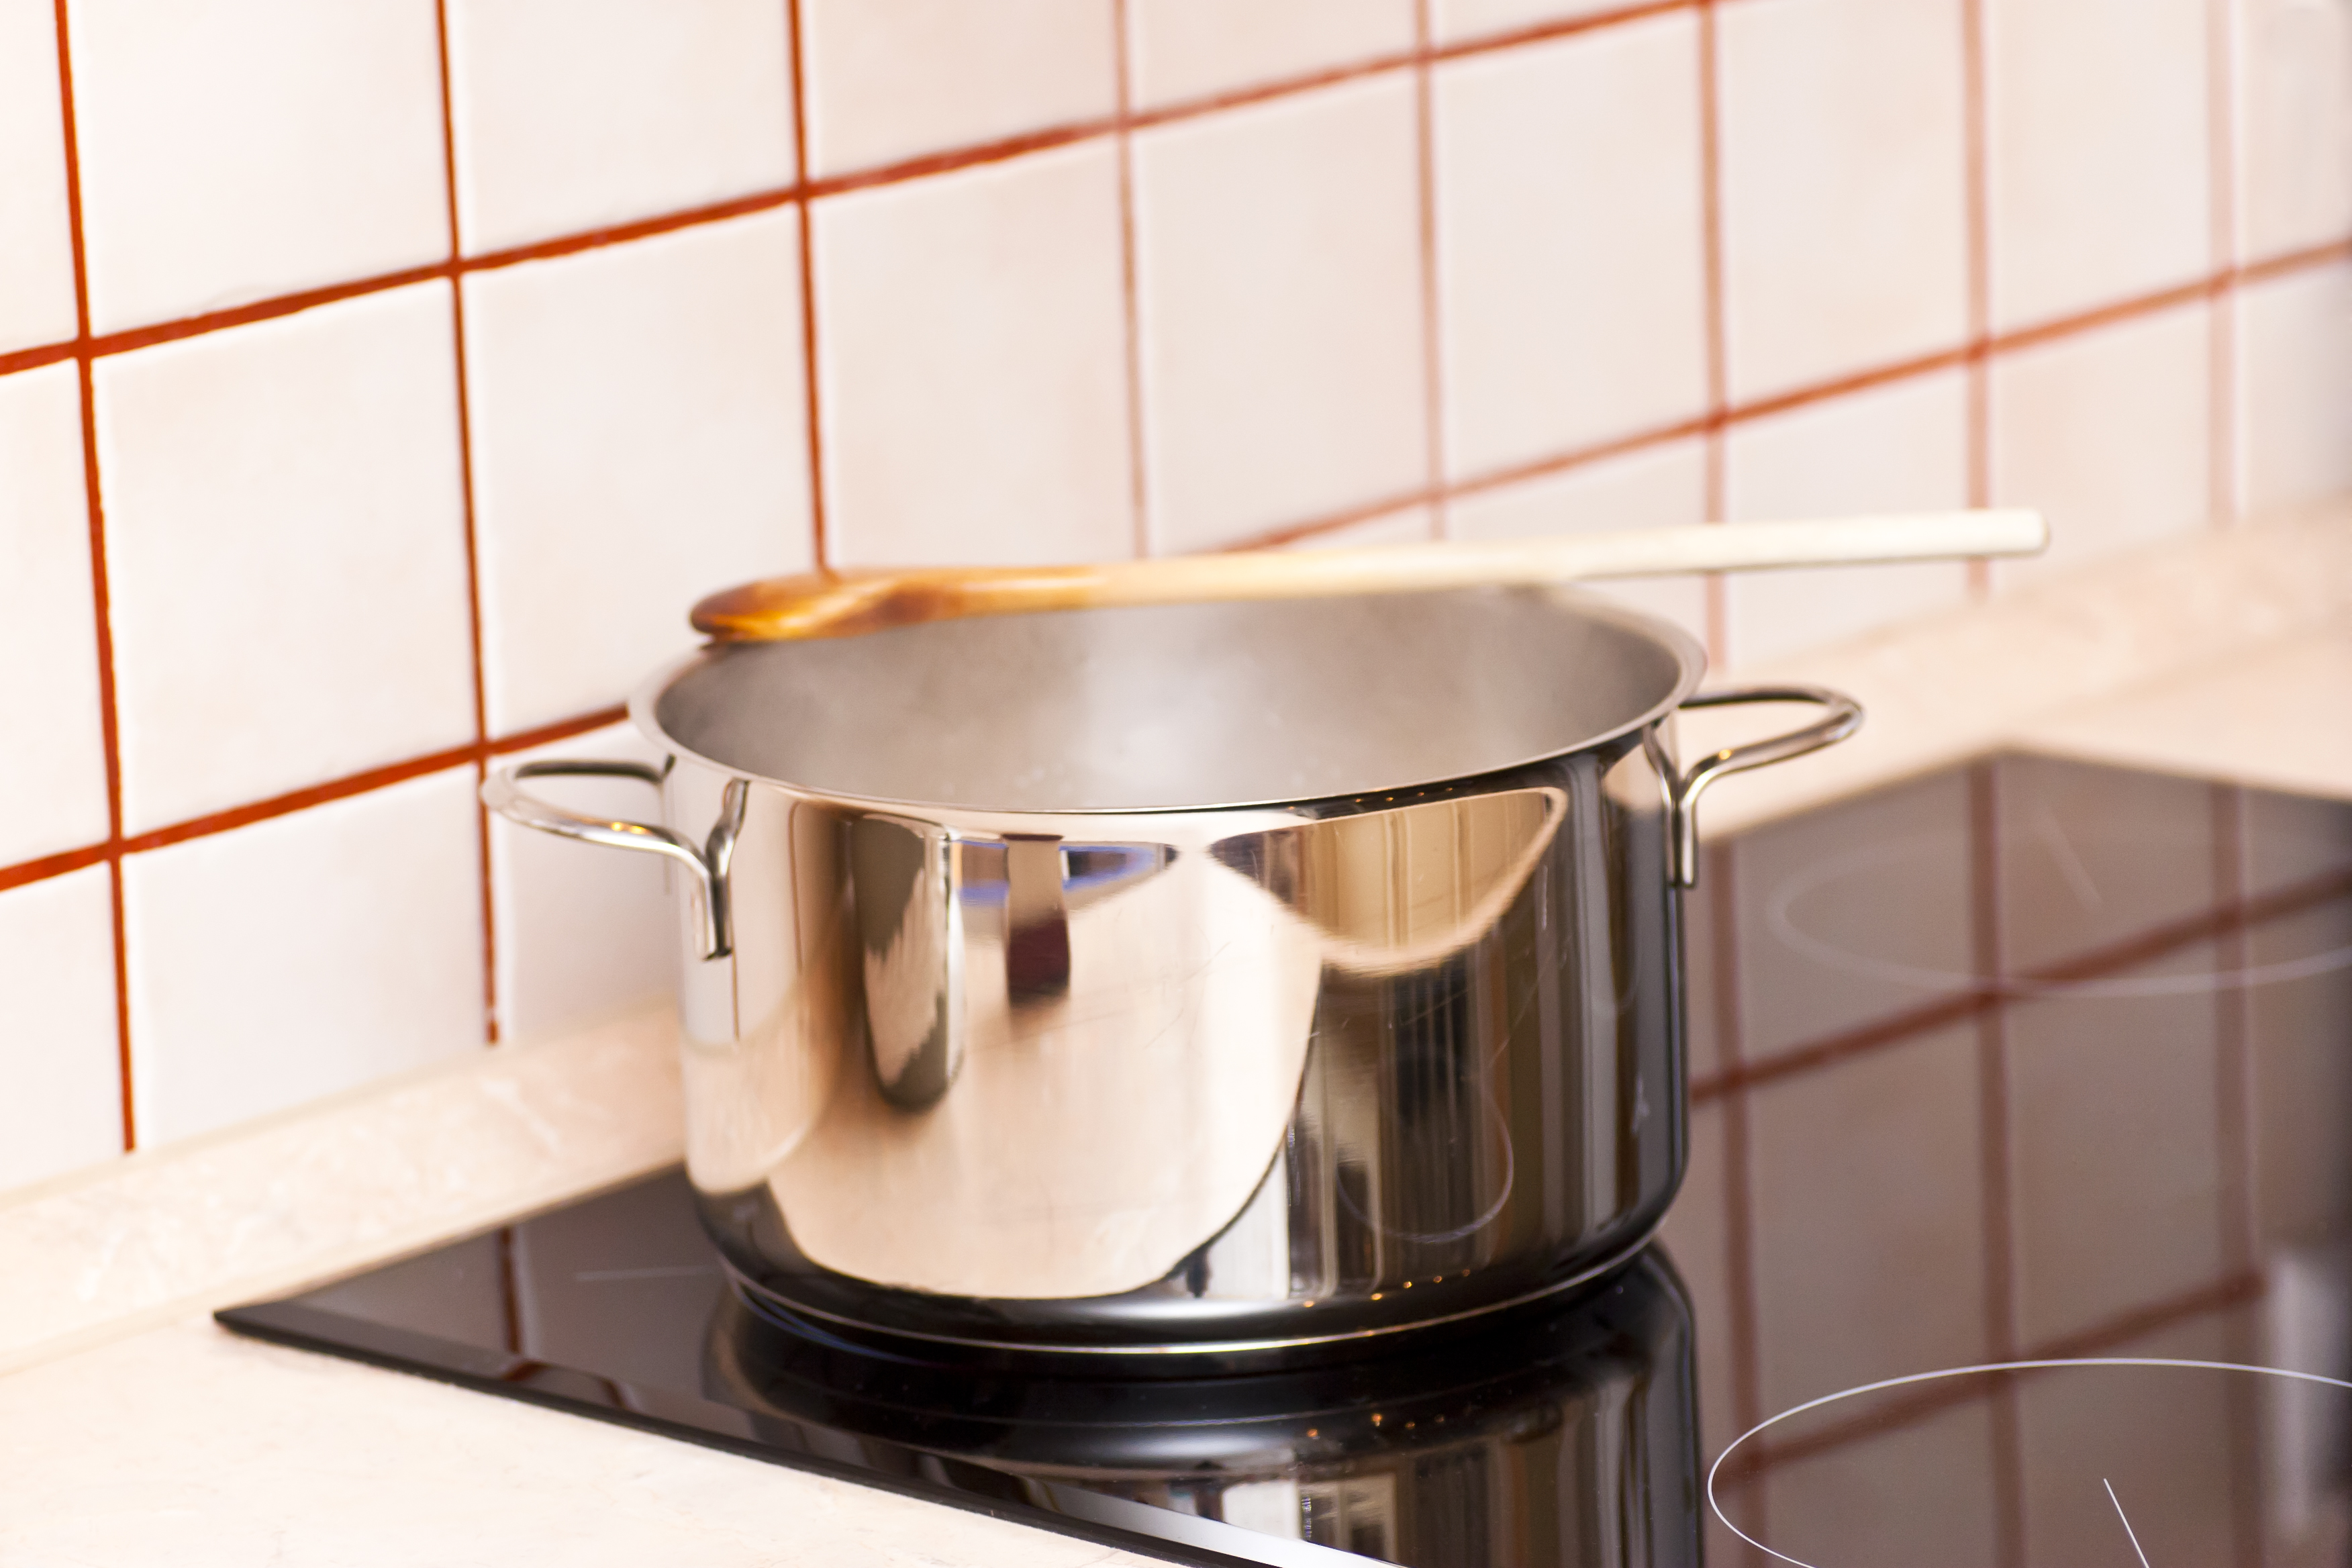 Най-добре е да миете дървените лъжици на ръка. Не ги накисвайте във вода и не ги слагайте в миялната. Дървеният материал става чуплив, ако престои на високи температури дълго време. Освен това се погрижете да не останат никакви хранителни остатъци в пукнатините на дървената лъжица, за да не създаде благоприятна среда за развитие на различни бактерии.